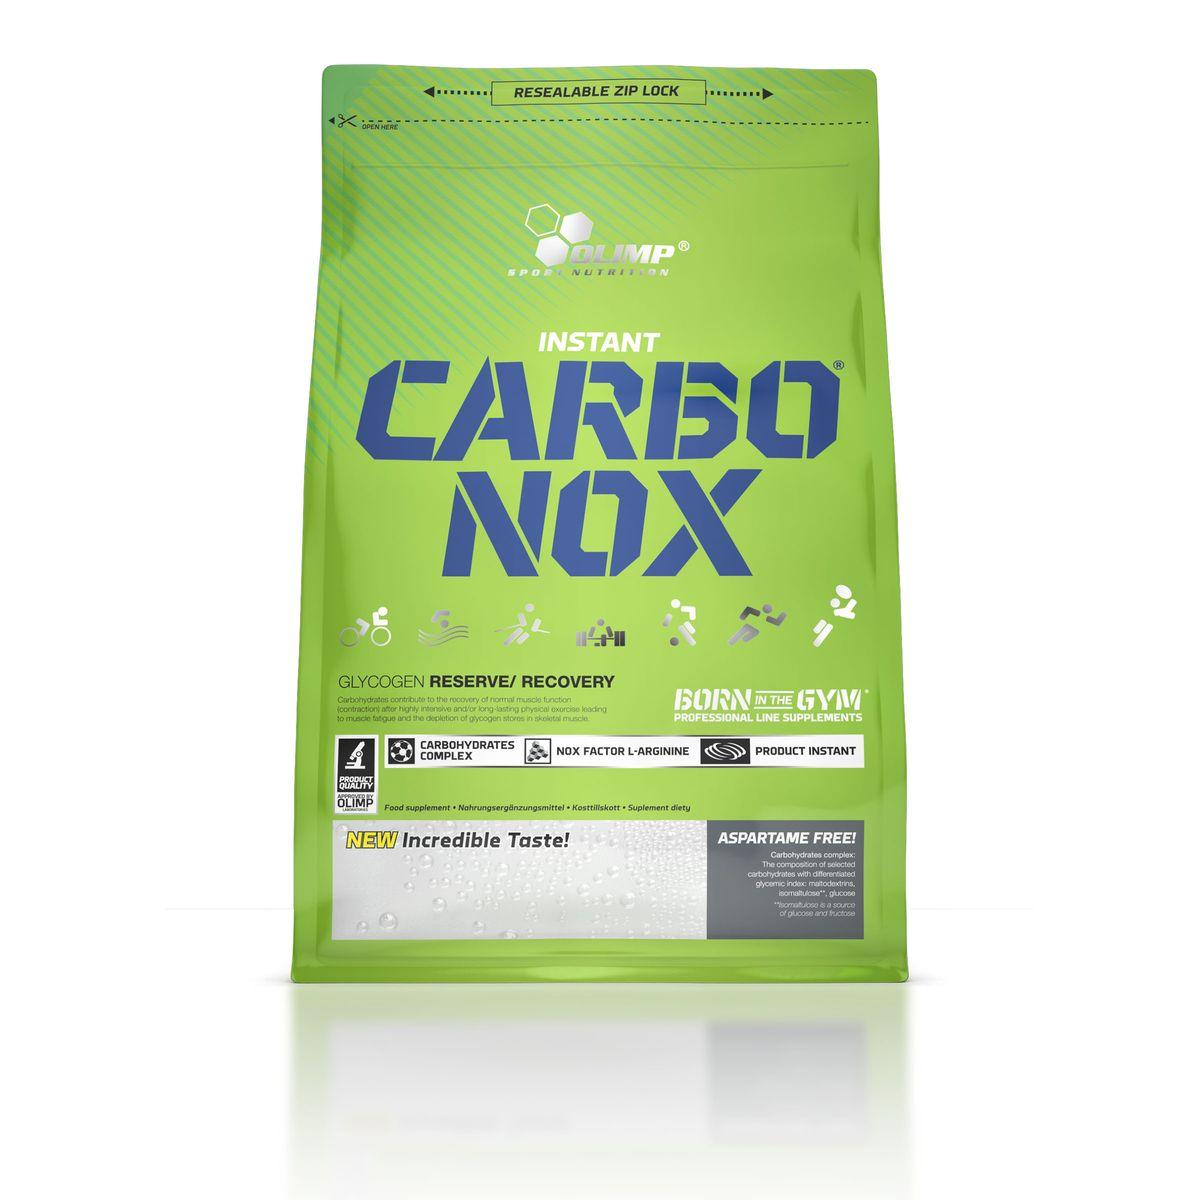 OLIMP Энергетический напиток Carbo Nox 1кг, апельсинO27635Olimp Carbo Nox - это напиток, способный быстро поставить энергию спортсмену! Он содержит углеводы различной длины цепи, что способствует равномерному усвоению и обеспечивает организм топливом на длительный промежуток времени. Olimp Carbo Nox не просто энергетик. Он несет в себе именно те минералы, которые атлет теряет с потом во время тренировок. Olimp Carbo Nox также содержит витамины, особенно важные при интенсивных нагрузках. Рекомендации по применению: Пейте 2 - 4 порции до и во время тренировки для обеспечения организма энергией и влагой, после тренировки для восстановления энергетических запасов. Рекомендации по приготовлению: 50 г - 90 единиц измерения мерной ложки или 5 без горки столовых ложек на 500 мл воды.